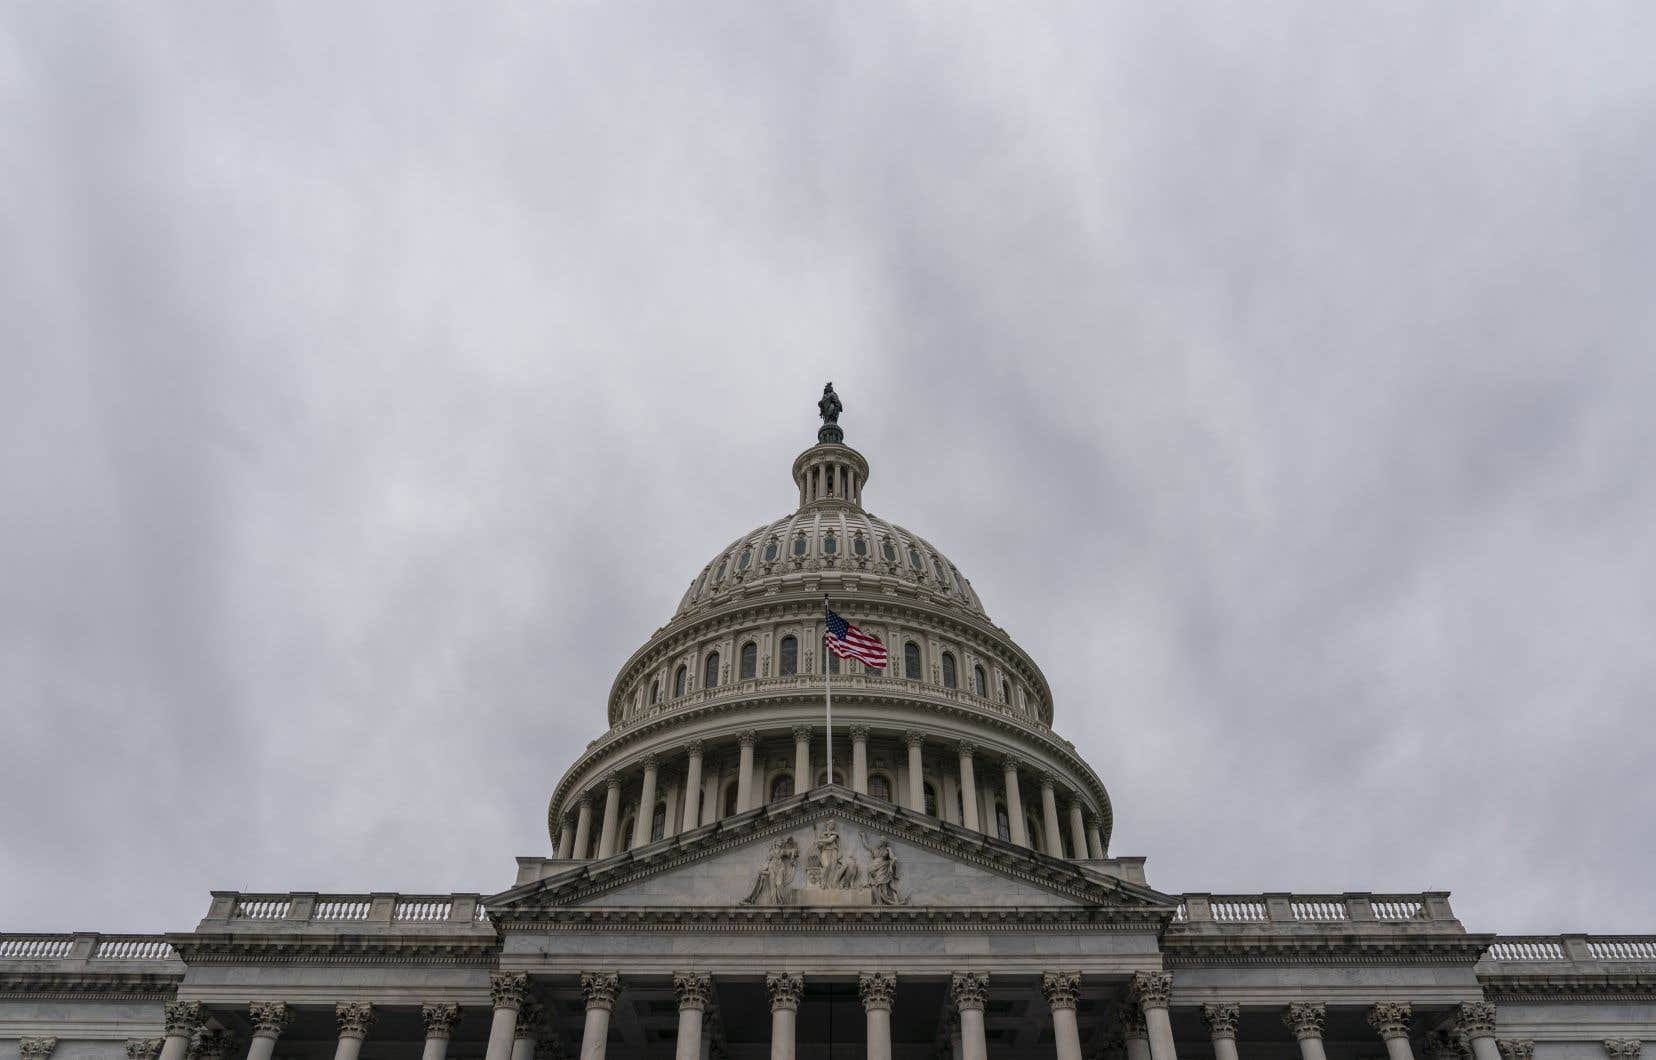 Jusqu'ici, le Congrès n'avait jamais réussi à atteindre la majorité des deux tiers nécessaire pour outrepasser le veto de Trump, qu'il a utilisé à neuf reprises durant son mandat de quatre ans.